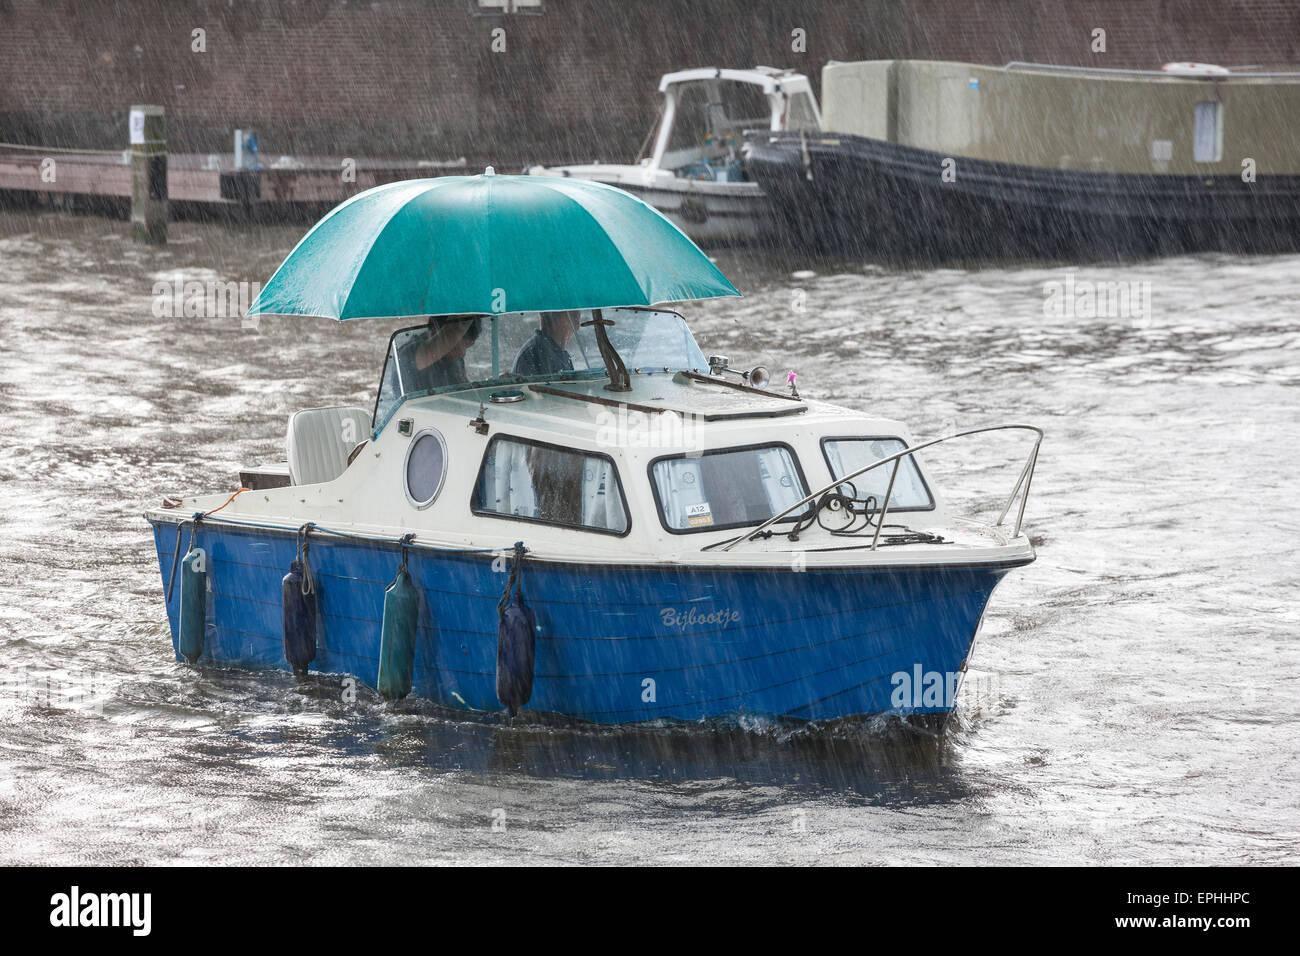 amsterdam-raining-small-boat-small-cabin